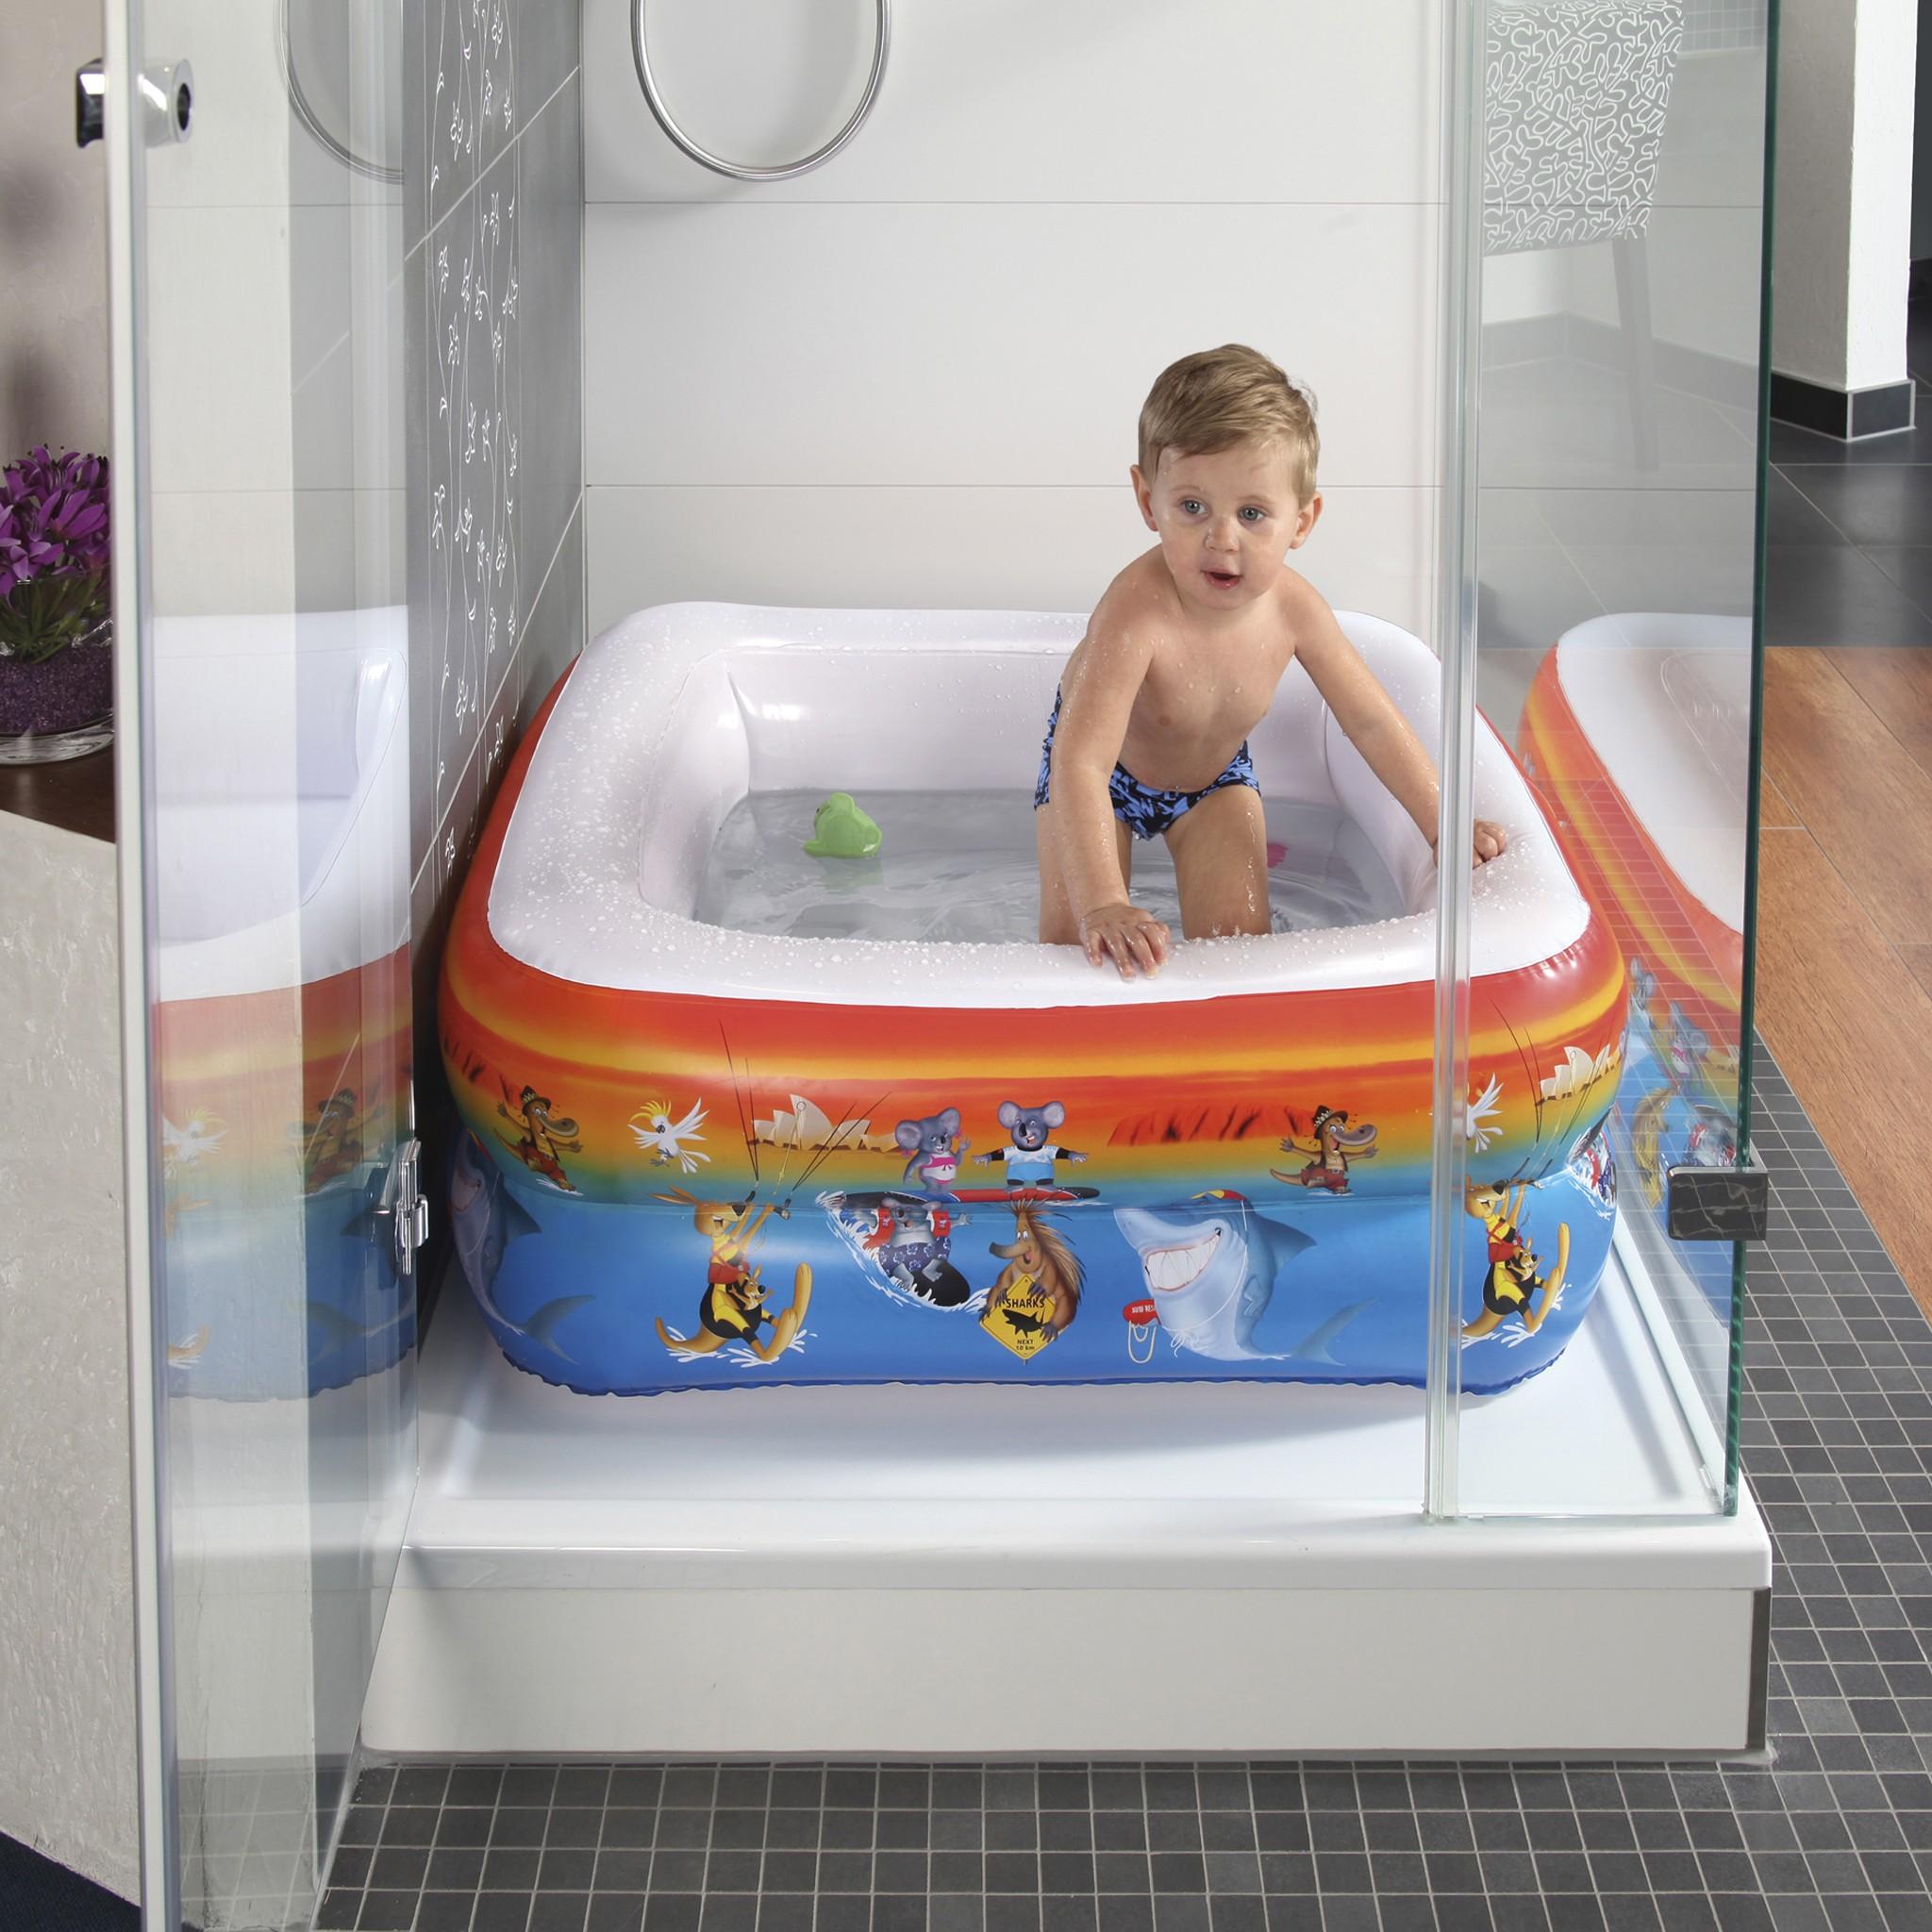 Planschbecken / Baby Pool Wehncke Down Under für Duschwanne 85x85cm Bild 1